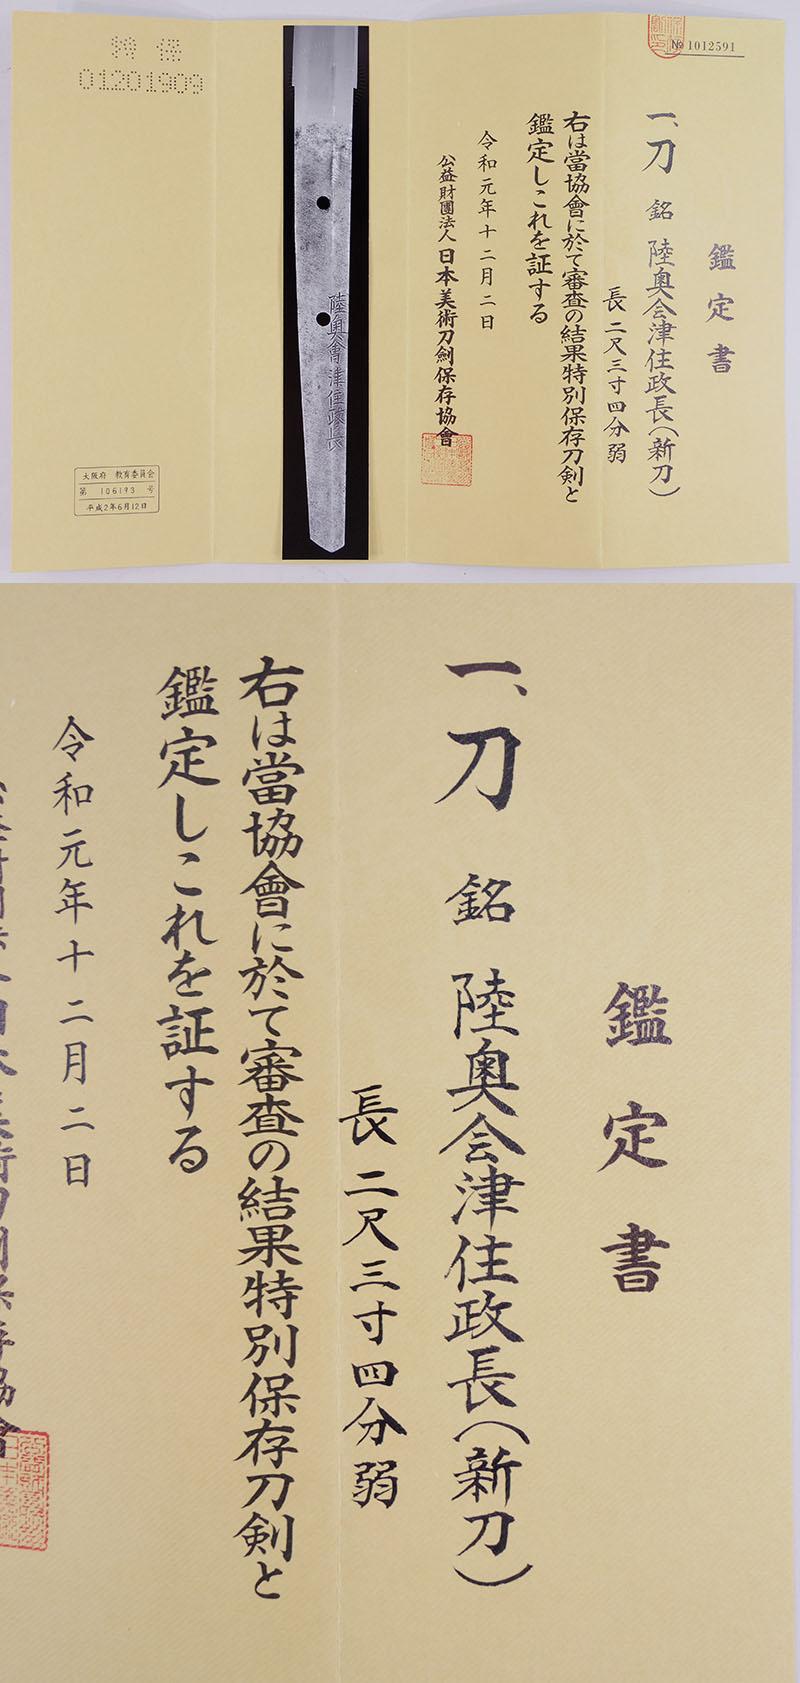 刀 陸奥会津住政長(二代三善政長)(新刀) Picture of Certificate